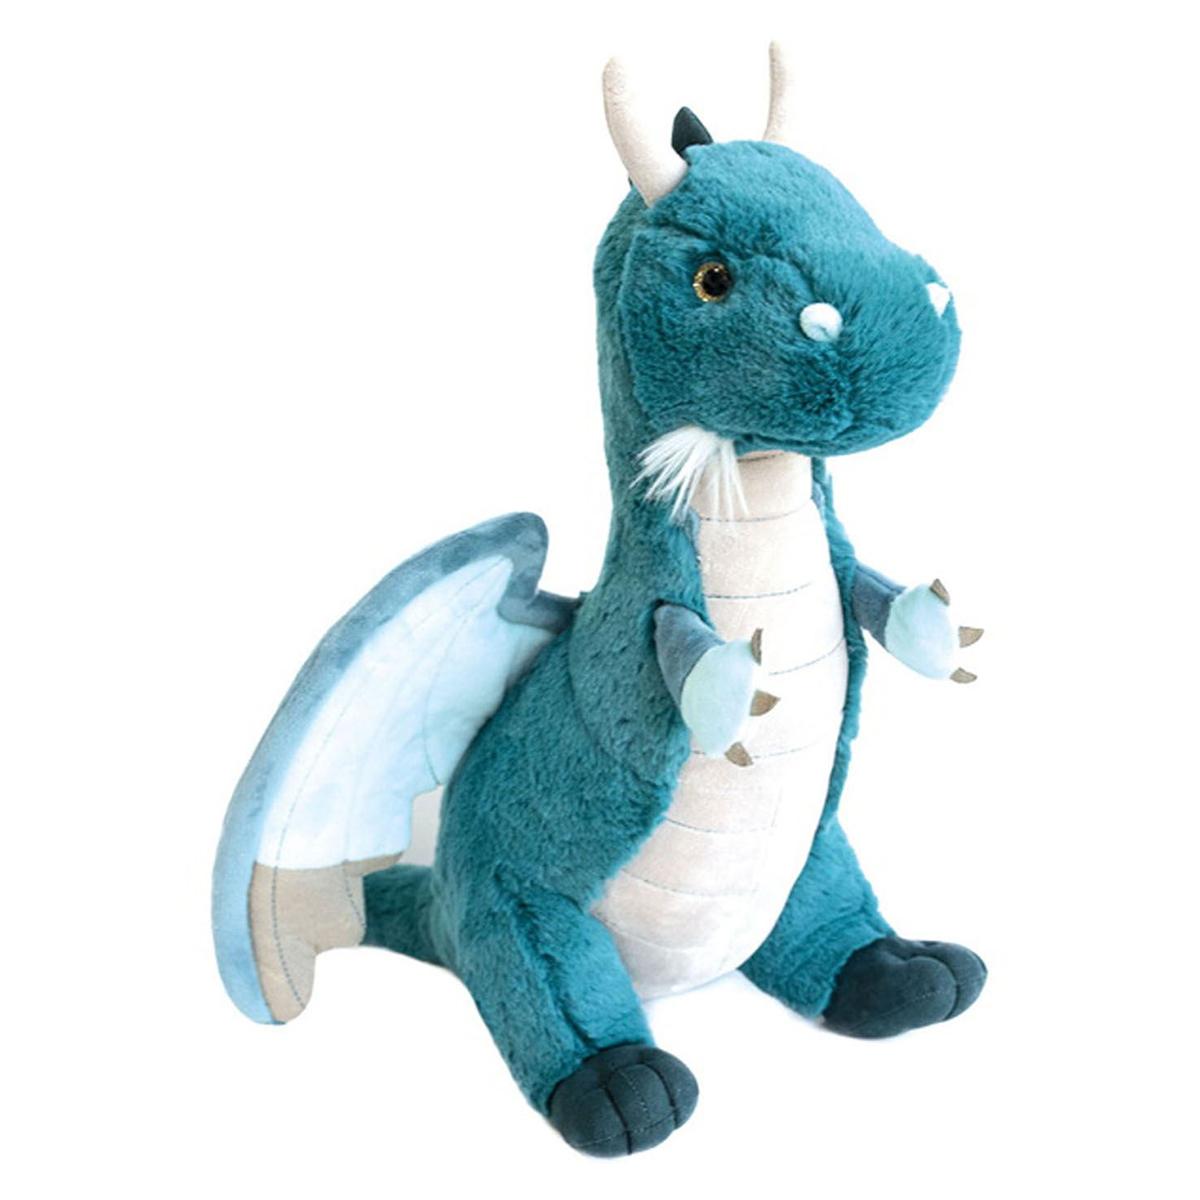 Peluche Peluche Grégoire le Dragon - Grand Peluche Grégoire le Dragon 40 cm